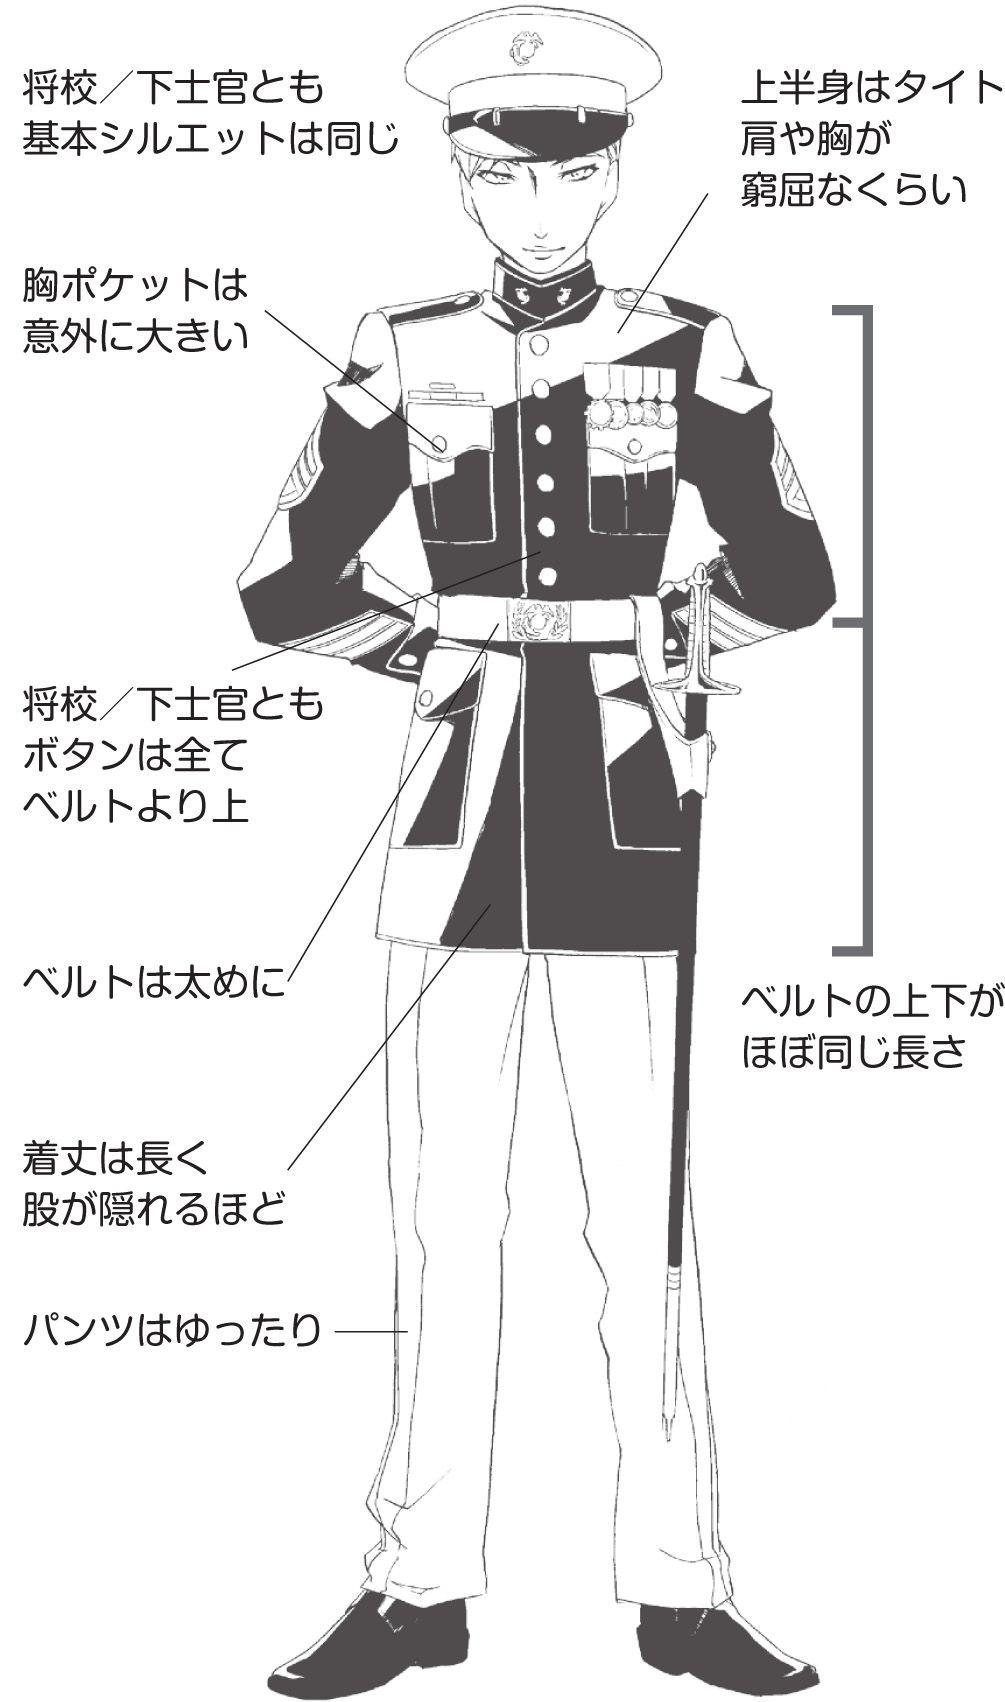 軍服の描き方】カッコいい軍服でイラストの攻撃力を上げよう